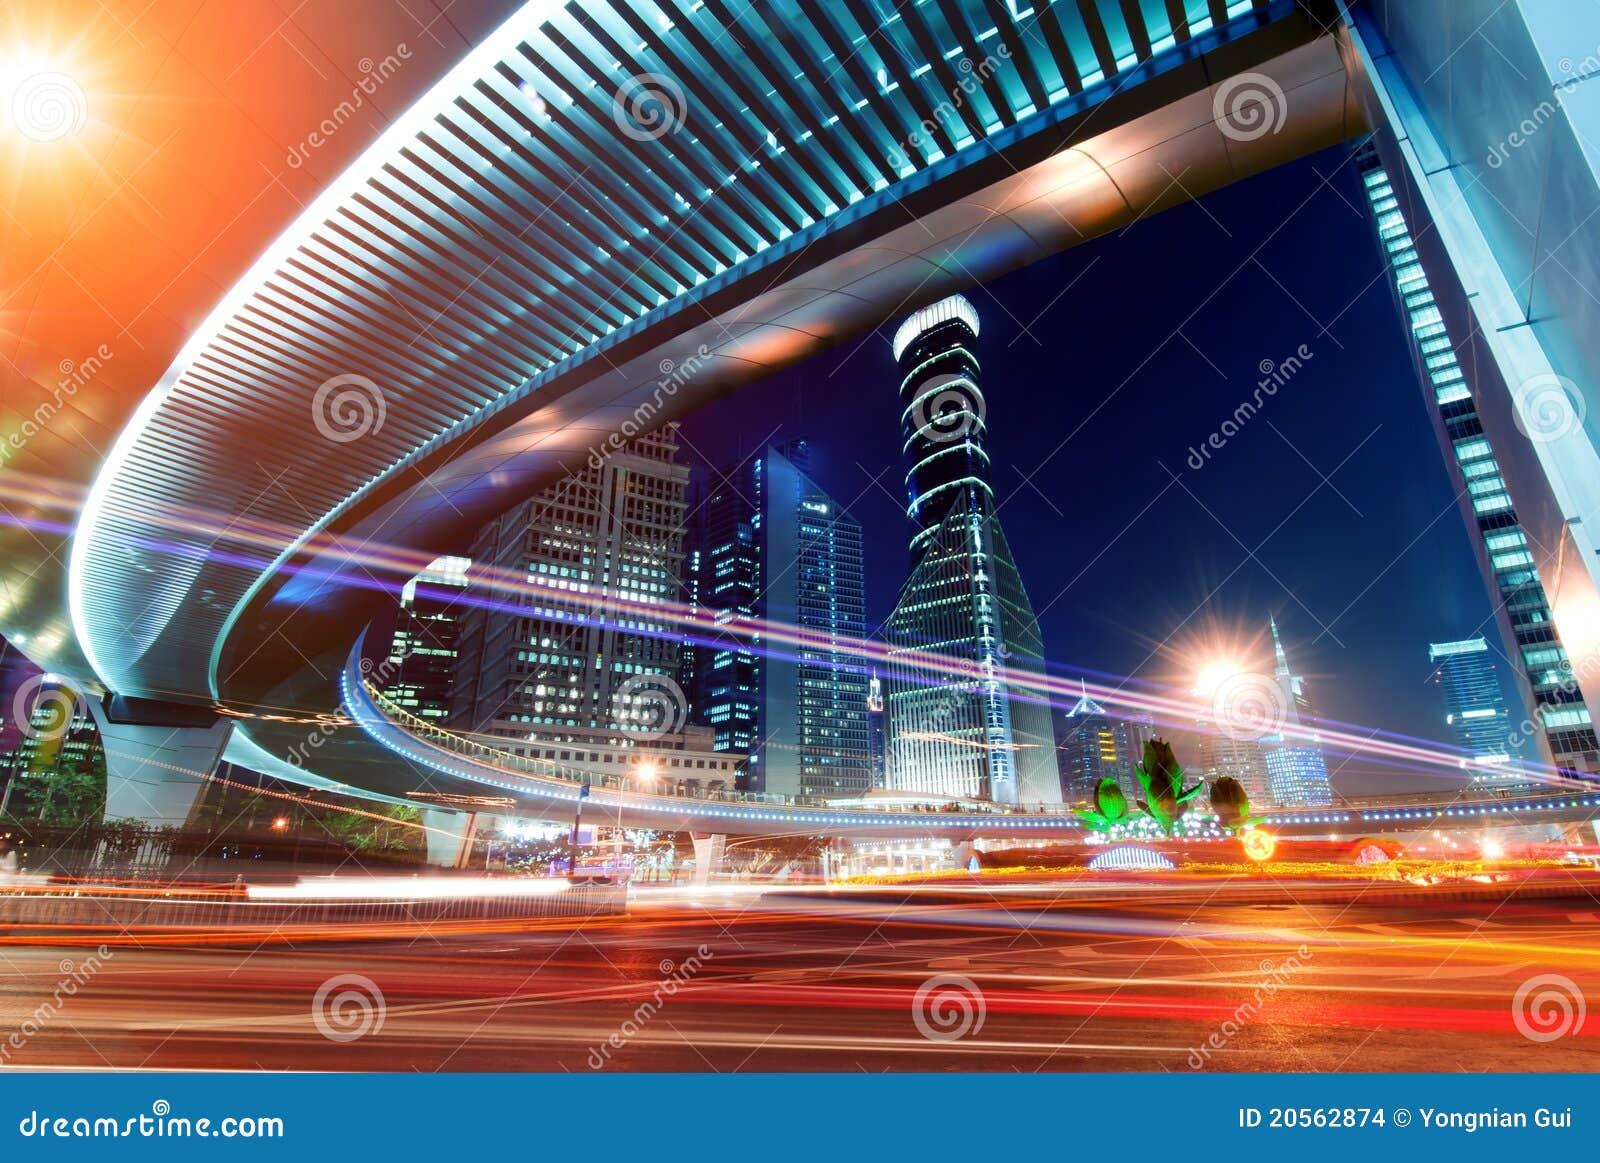 Millionenstadt-Datenbahn